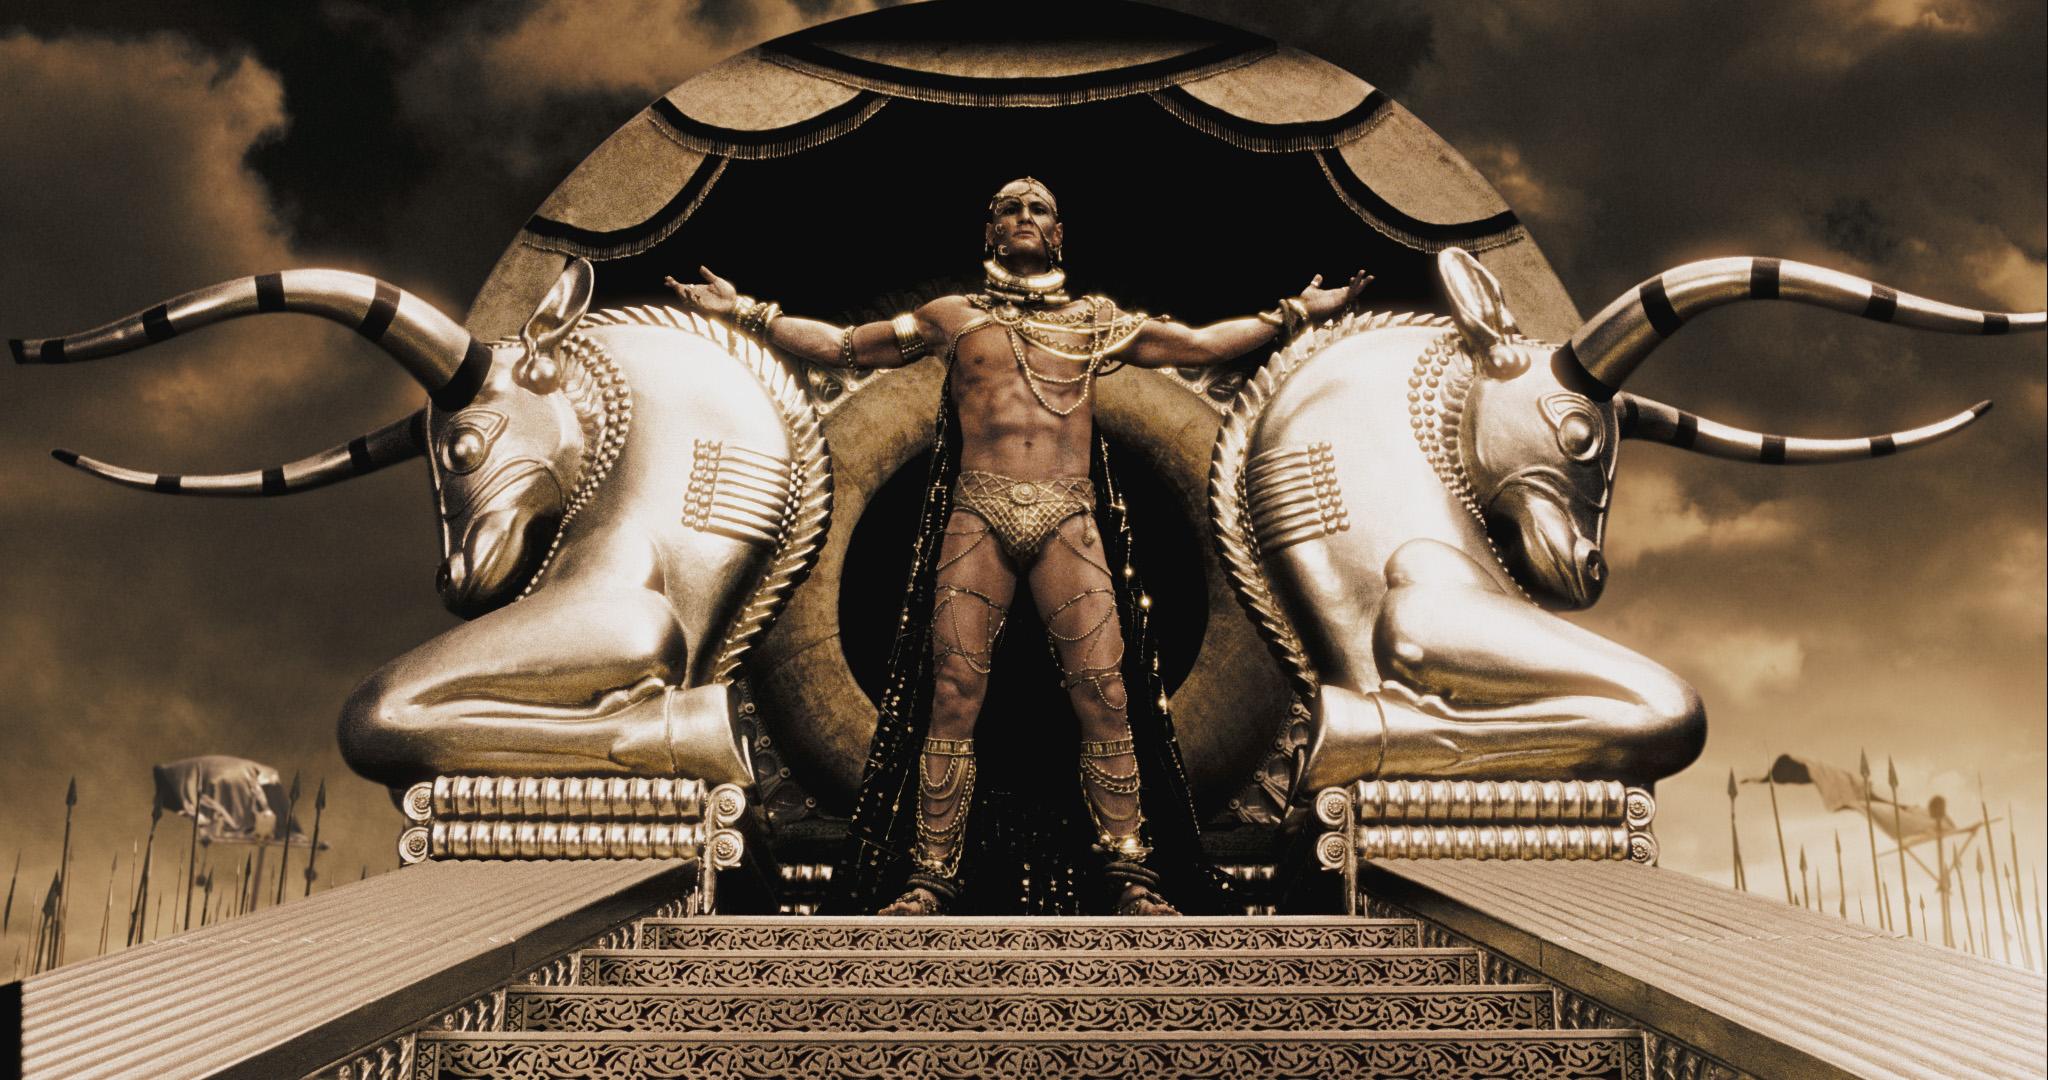 영화 300에서 묘사된 스파르타의 왕 레오니다스와 페르시아의 왕 크세르크세스